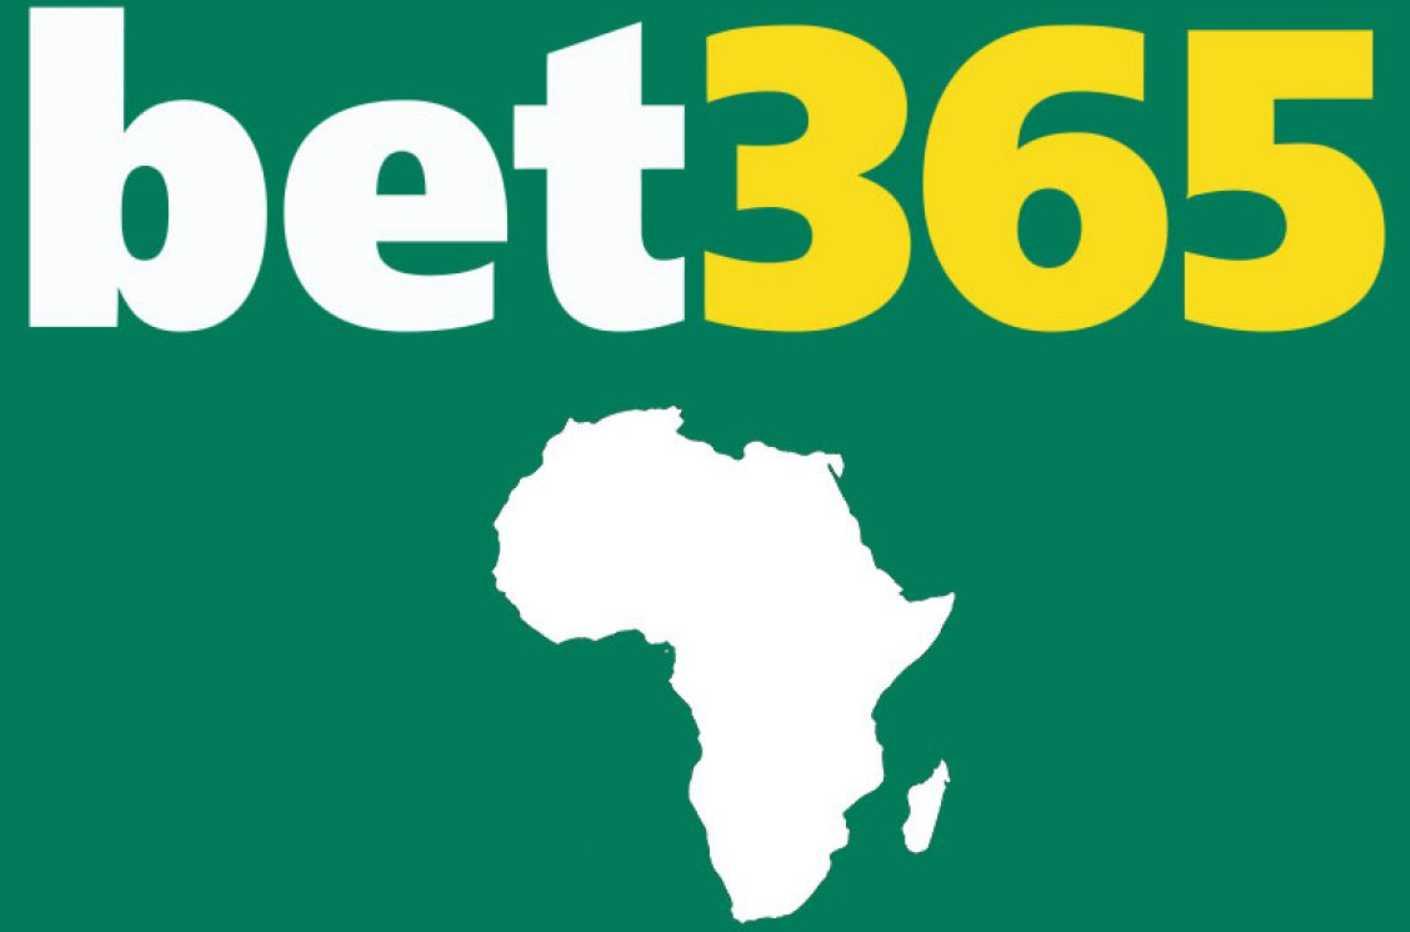 Características do site Bet365 verificado casa de apostas